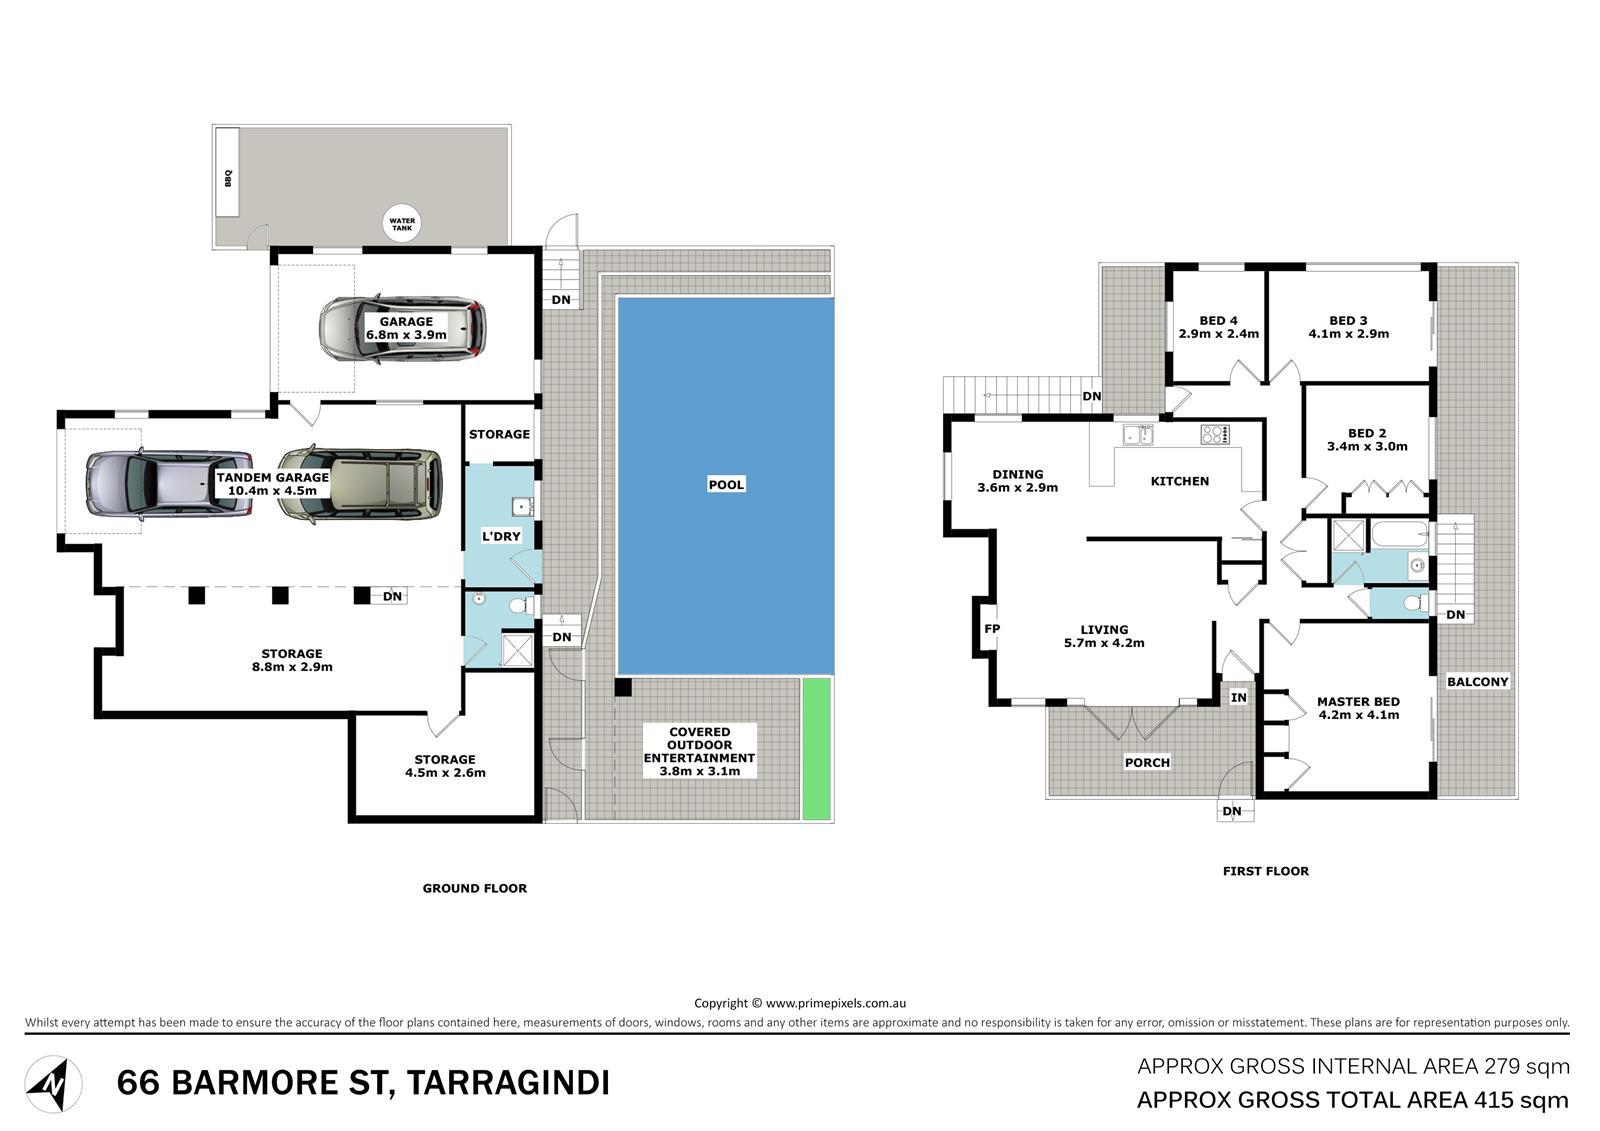 12 Garioch St Tarragindi QLD 4121 Floorplan 1